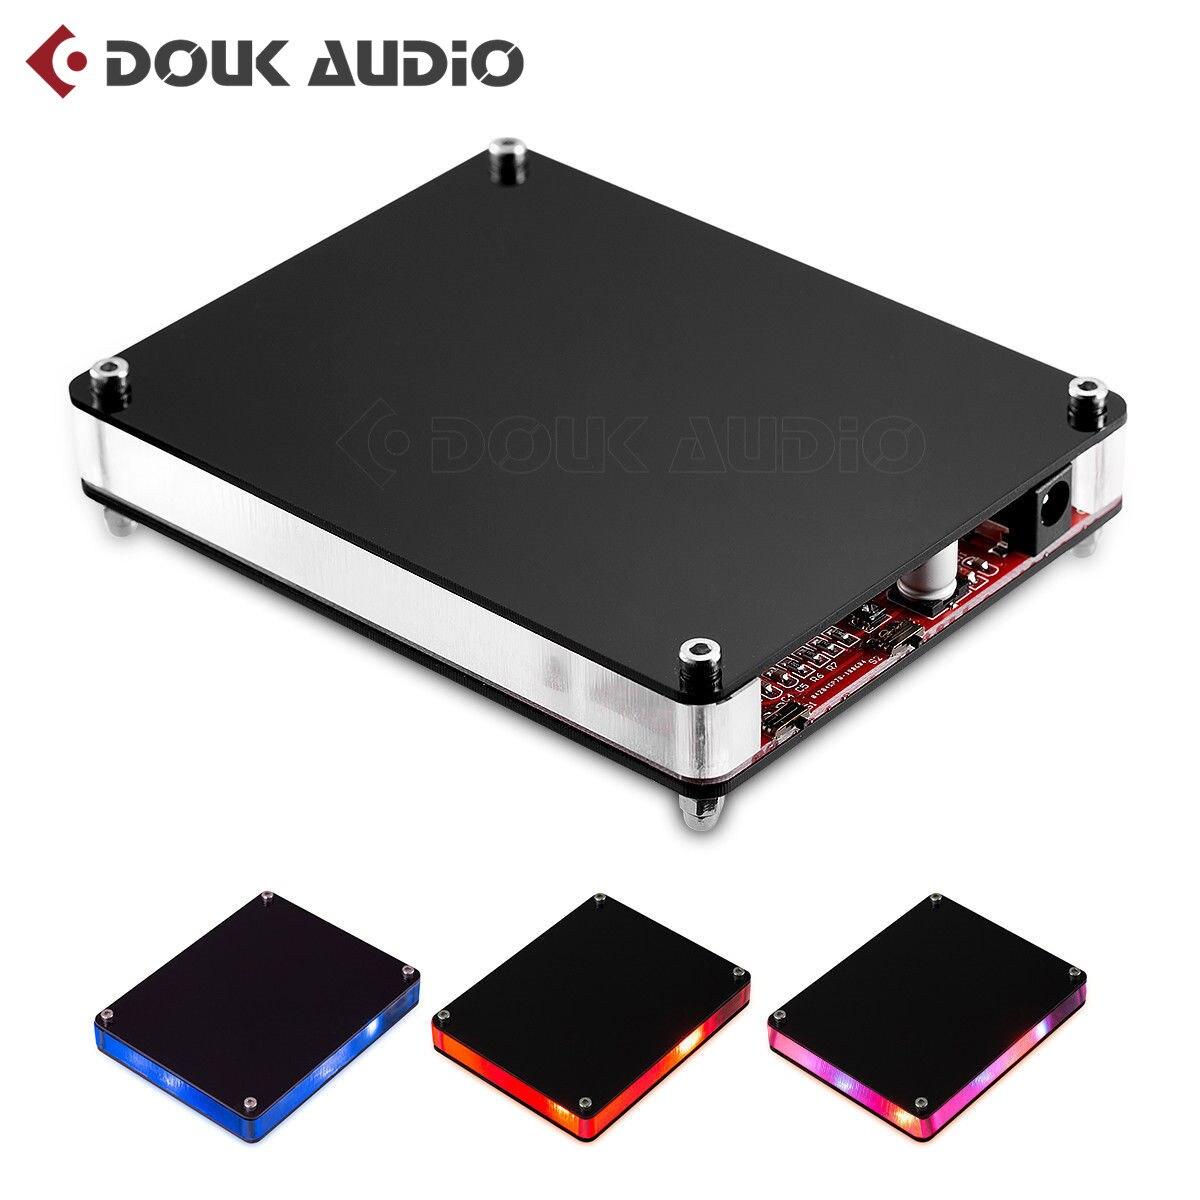 2018 Новый Nobsound Schumann волна 7,83 Гц ультра-низкой частоты генератор импульсов для отдыха/сна аудио-визуальное пространство